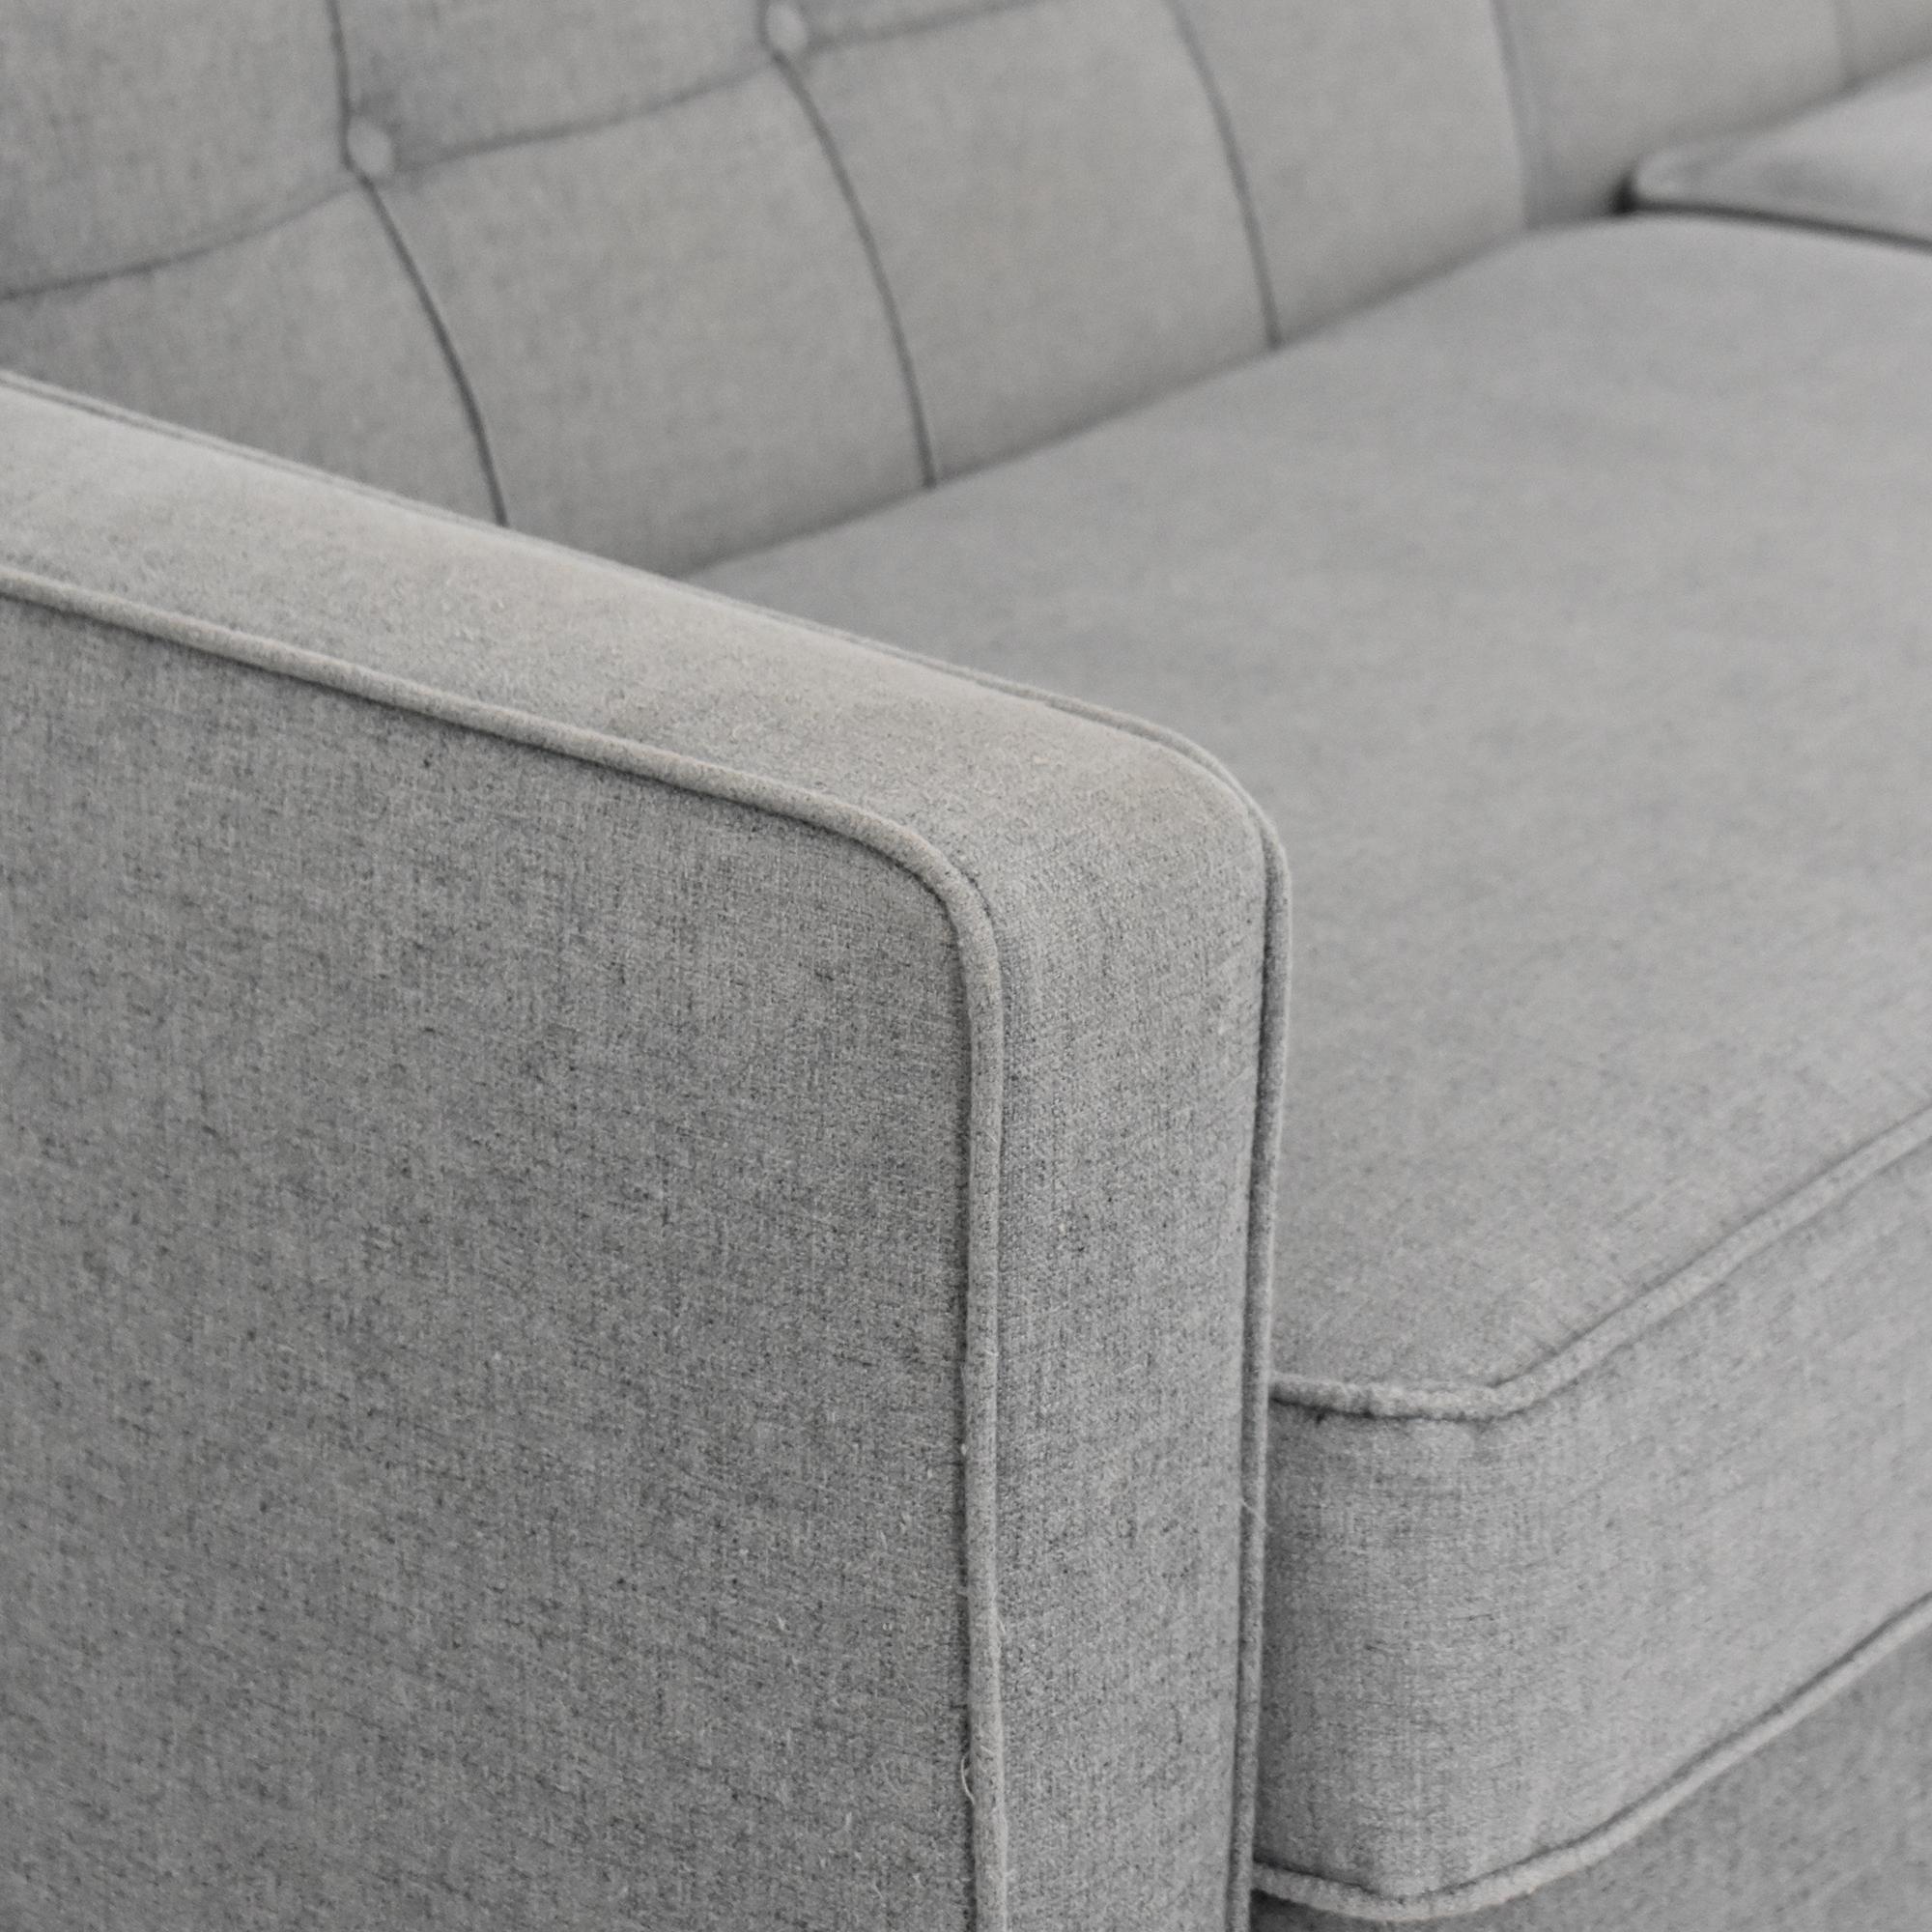 G. Romano G. Romano Tufted Two Cushion Sofa nyc